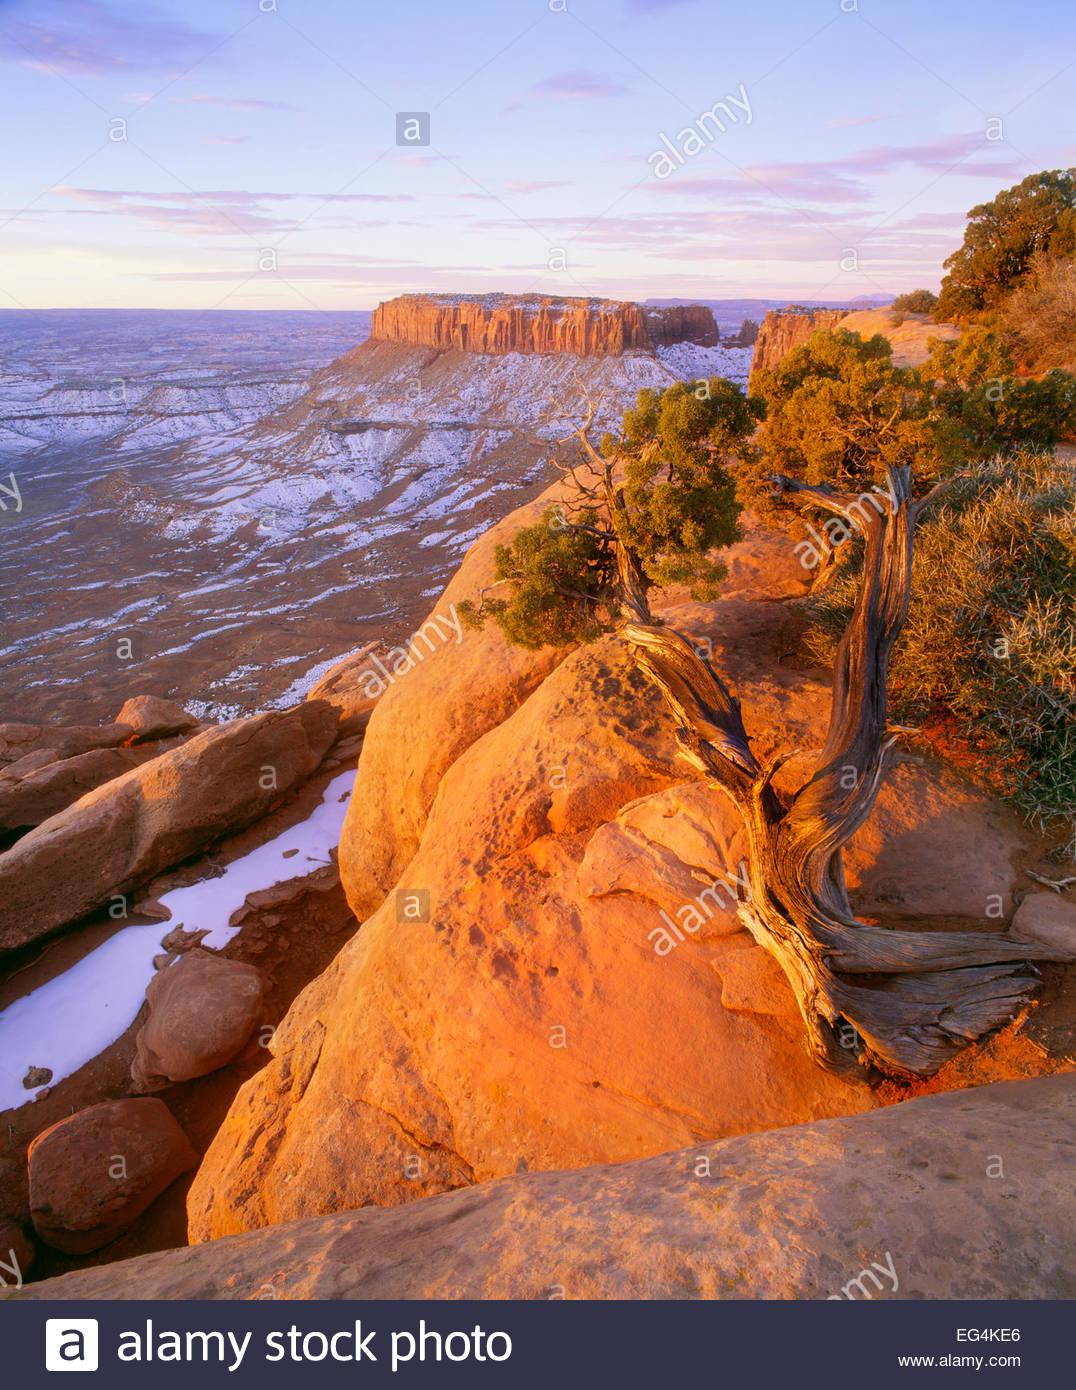 Amanecer en invierno Grandview Point. La isla en el cielo. Parque Nacional Canyonlands, en Utah. Imagen De Stock